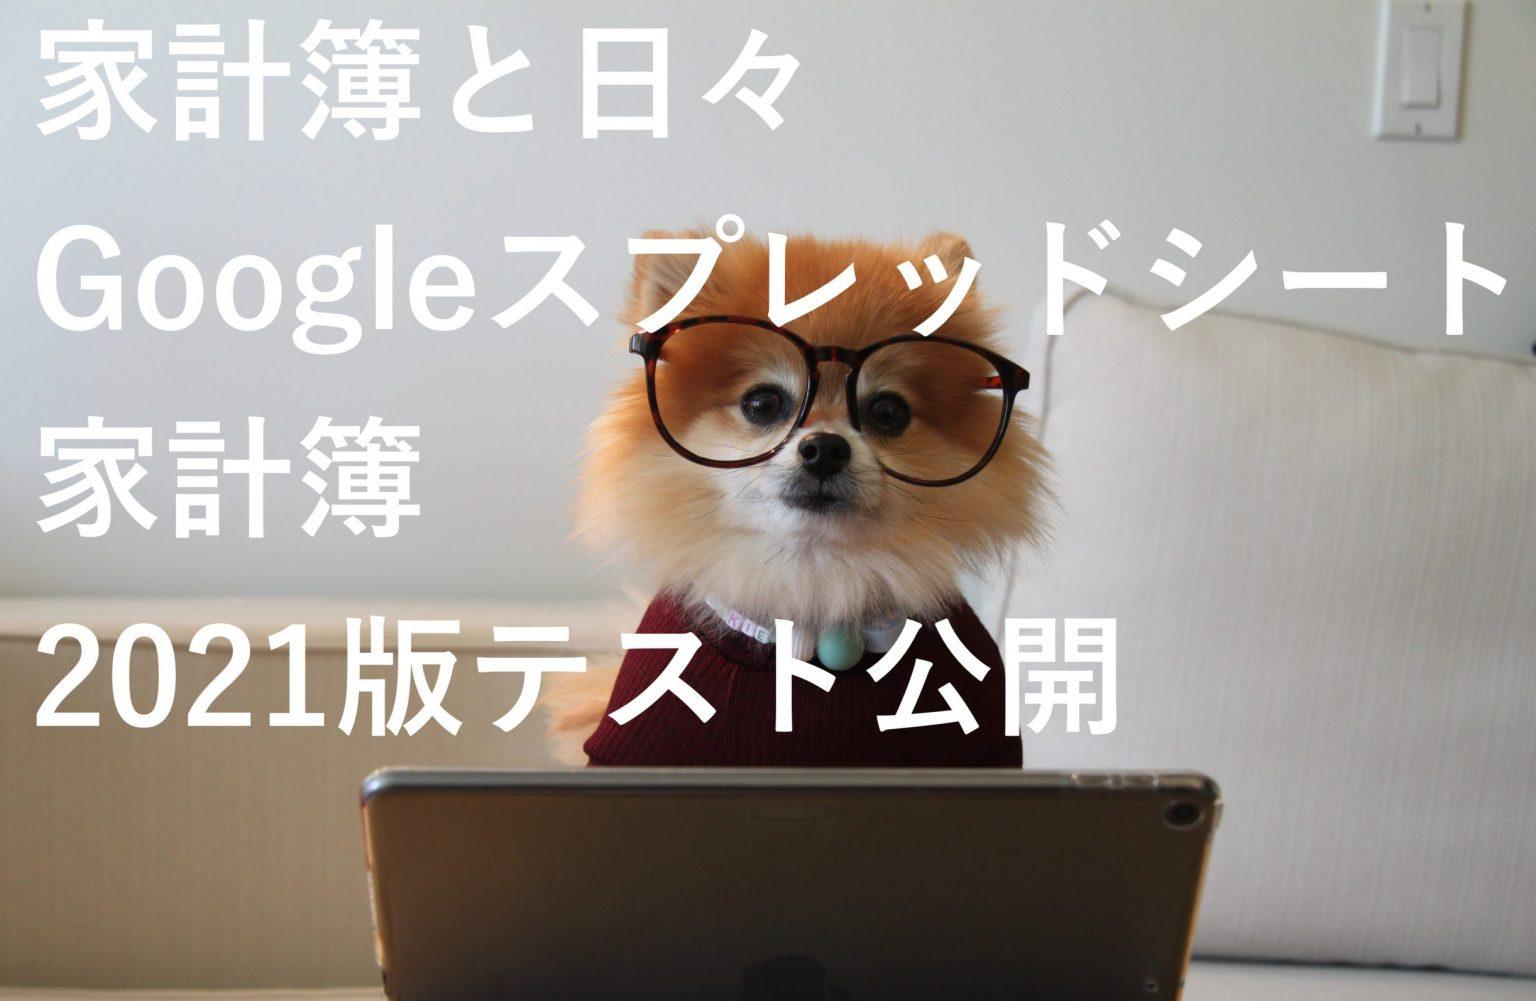 Googleスプレッドシートで使える家計簿テスト配布